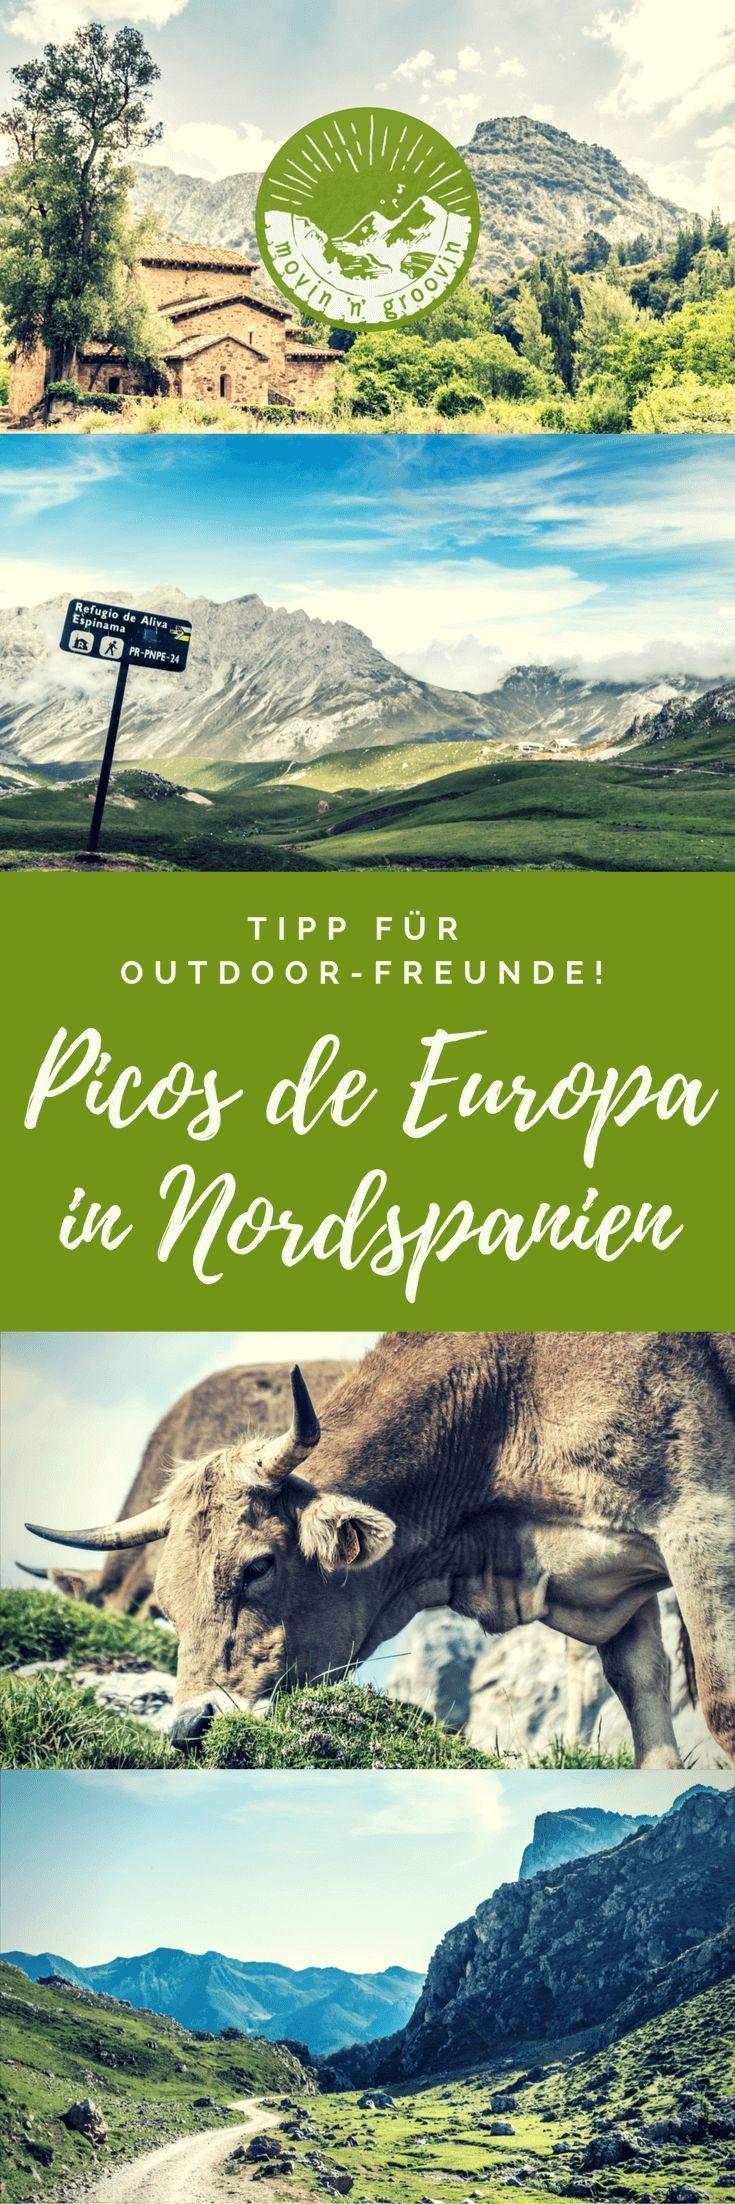 Picos de Europa in Nordspanien – Tipps für den perfekten Trip! Wieso kannte ich die Picos de Europa bis vor kurzem gar nicht? Zum Glück ist mir dieser Nationalpark bei meiner Reise durch Nordspanien aufgefallen…  #Spanien #Wandern #Outdoor #Kantabrien